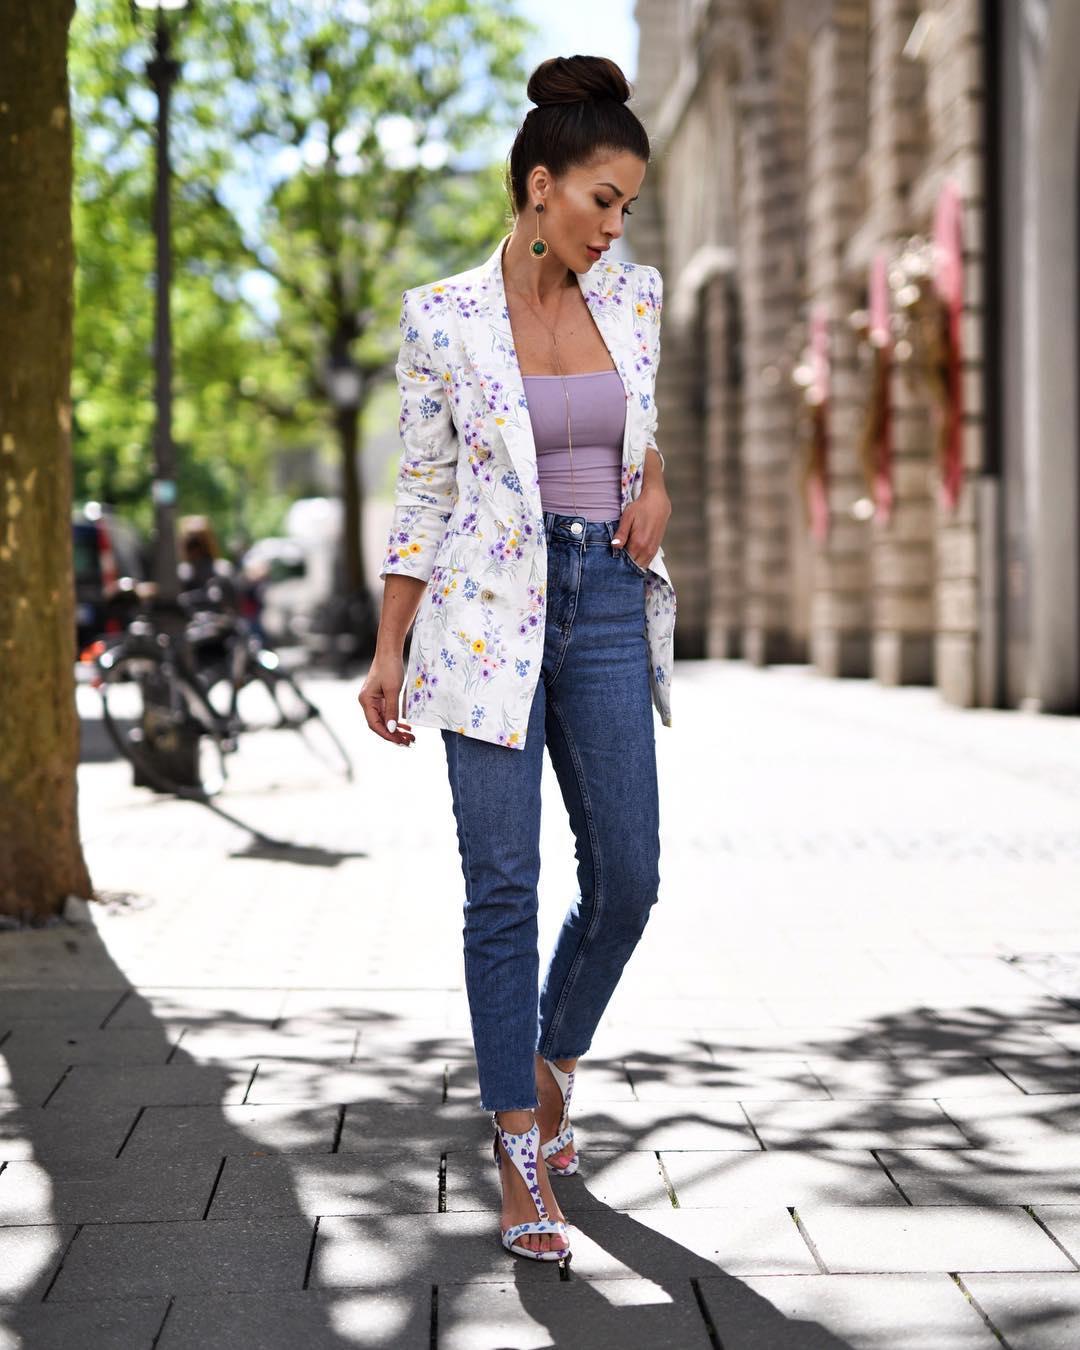 модные образы весна-лето 2019 для женщин после 40 фото_14